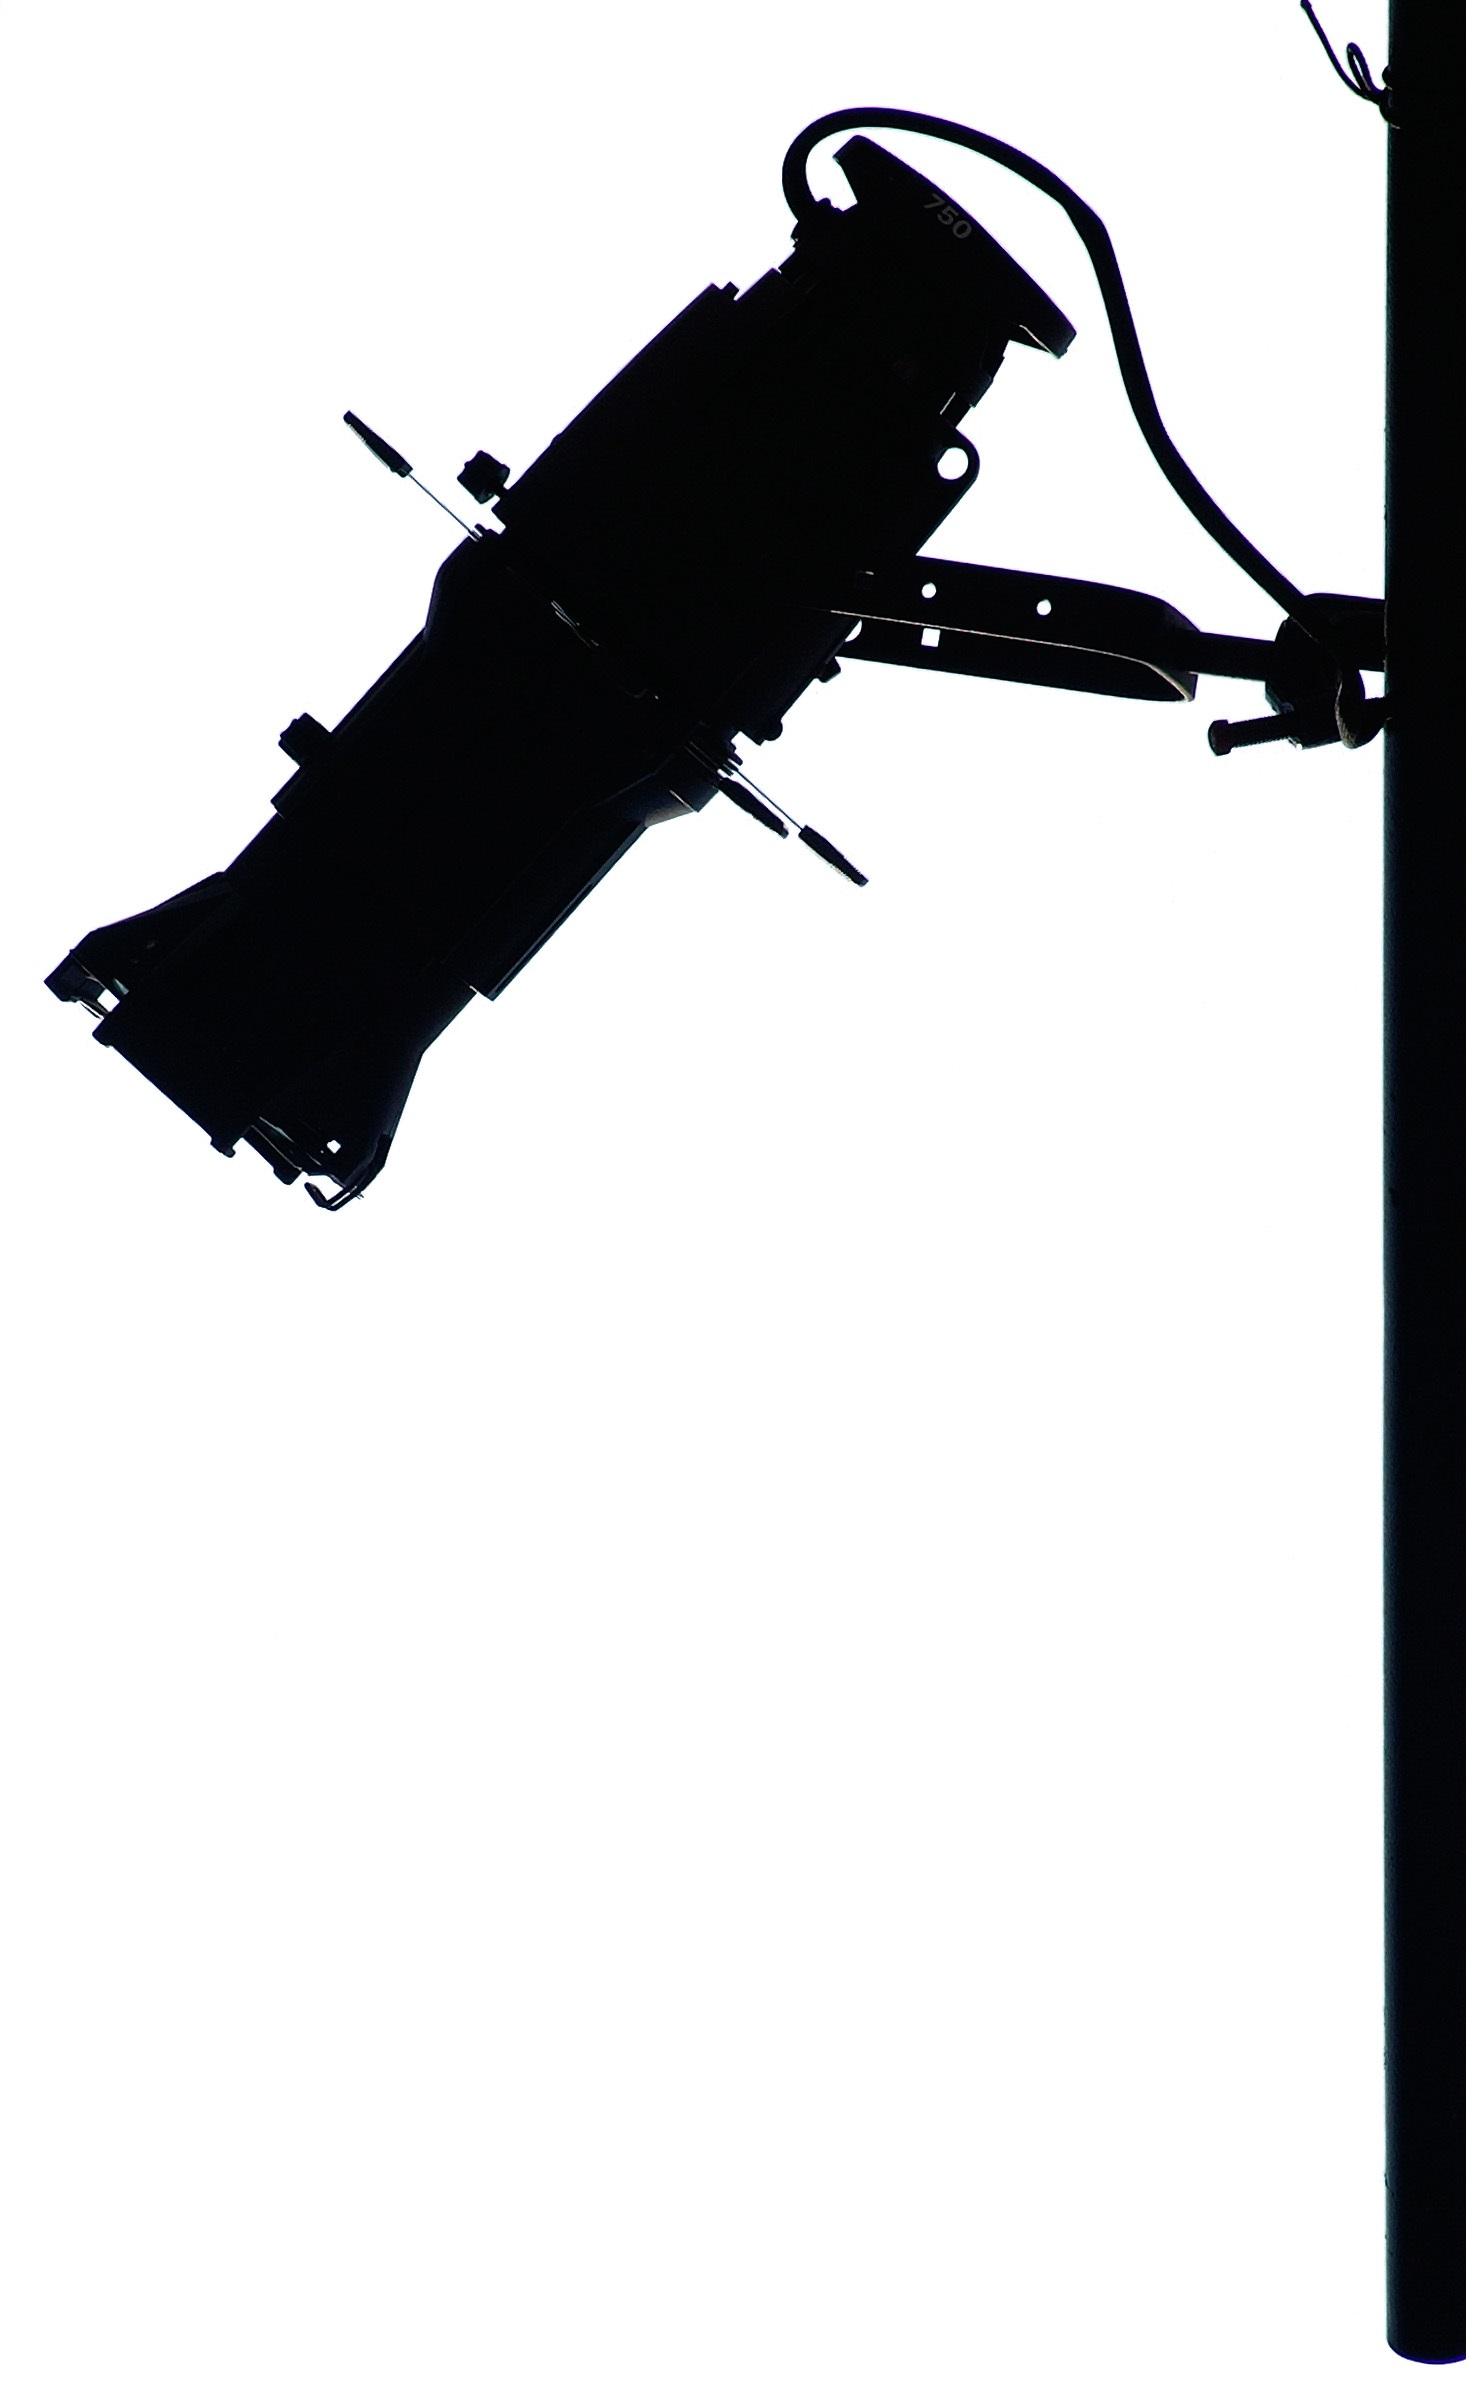 main Nouveau livre im-pro-visée acn formation christophe nançoz improvisation théâtre suisse acnformation atelier cours entreprise